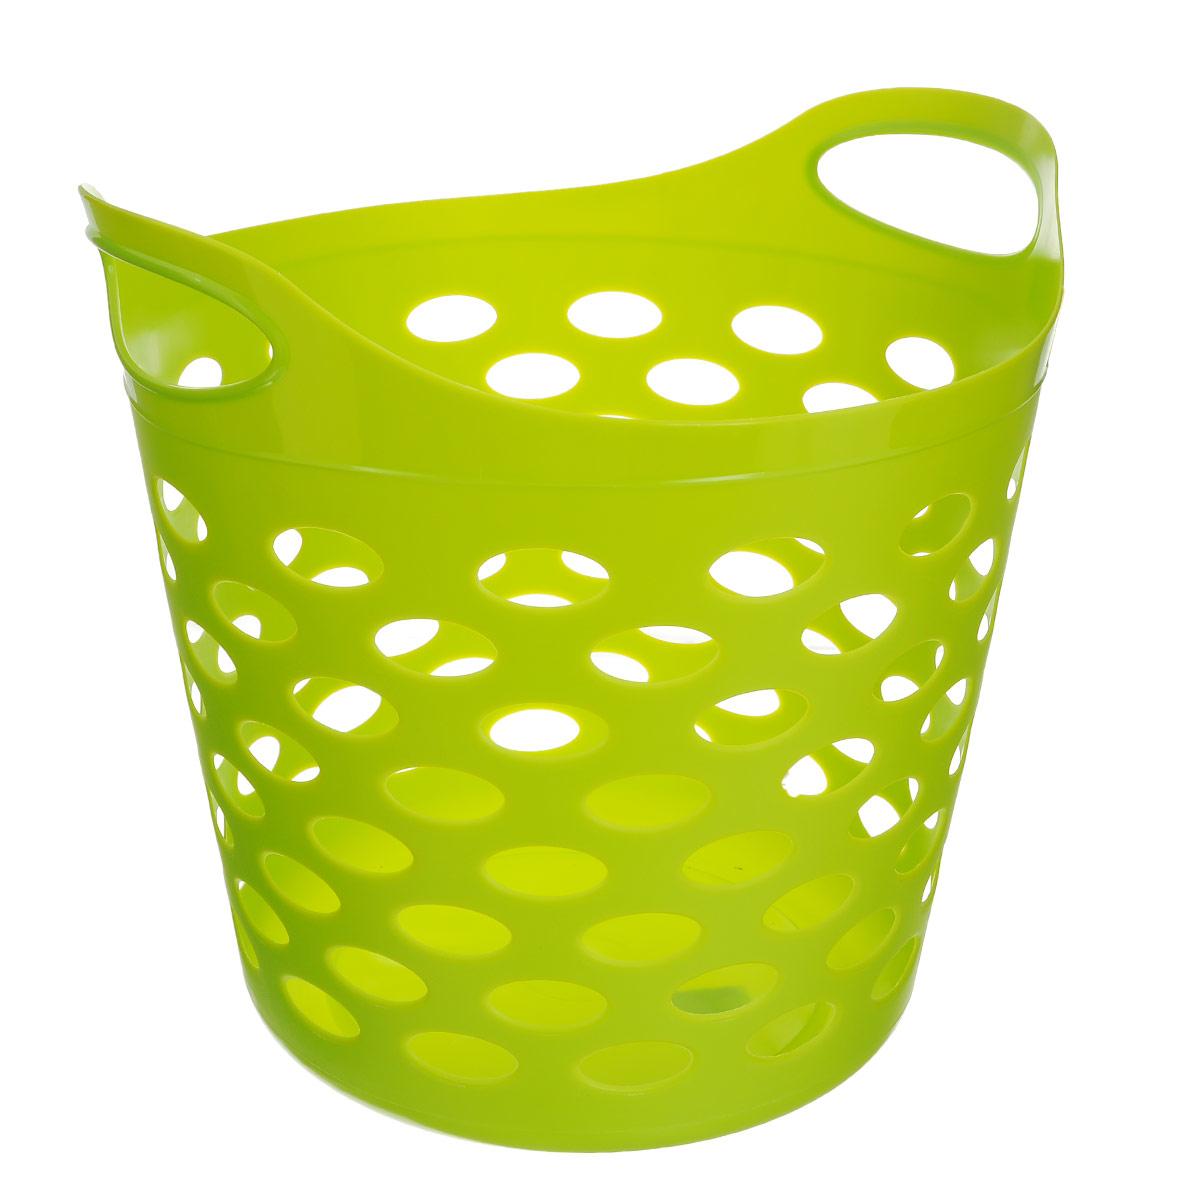 Корзина универсальная Gensini, цвет: салатовый. 3310ПЦ2829Универсальная корзина Gensini отлично подойдет для хранения белья перед стиркой, игрушек и других вещей. Она выполнена из высококачественного мягкого пластика и оснащена двумя удобными ручками для переноски. Современный дизайн корзины позволит ей вписаться в любой интерьер, а благодаря своим компактным размерам она не займет много места. Диаметр корзины (без учета ручек): 37 см. Высота корзины (без учета ручек): 31 см. Высота корзины (с учетом ручек): 38 см.